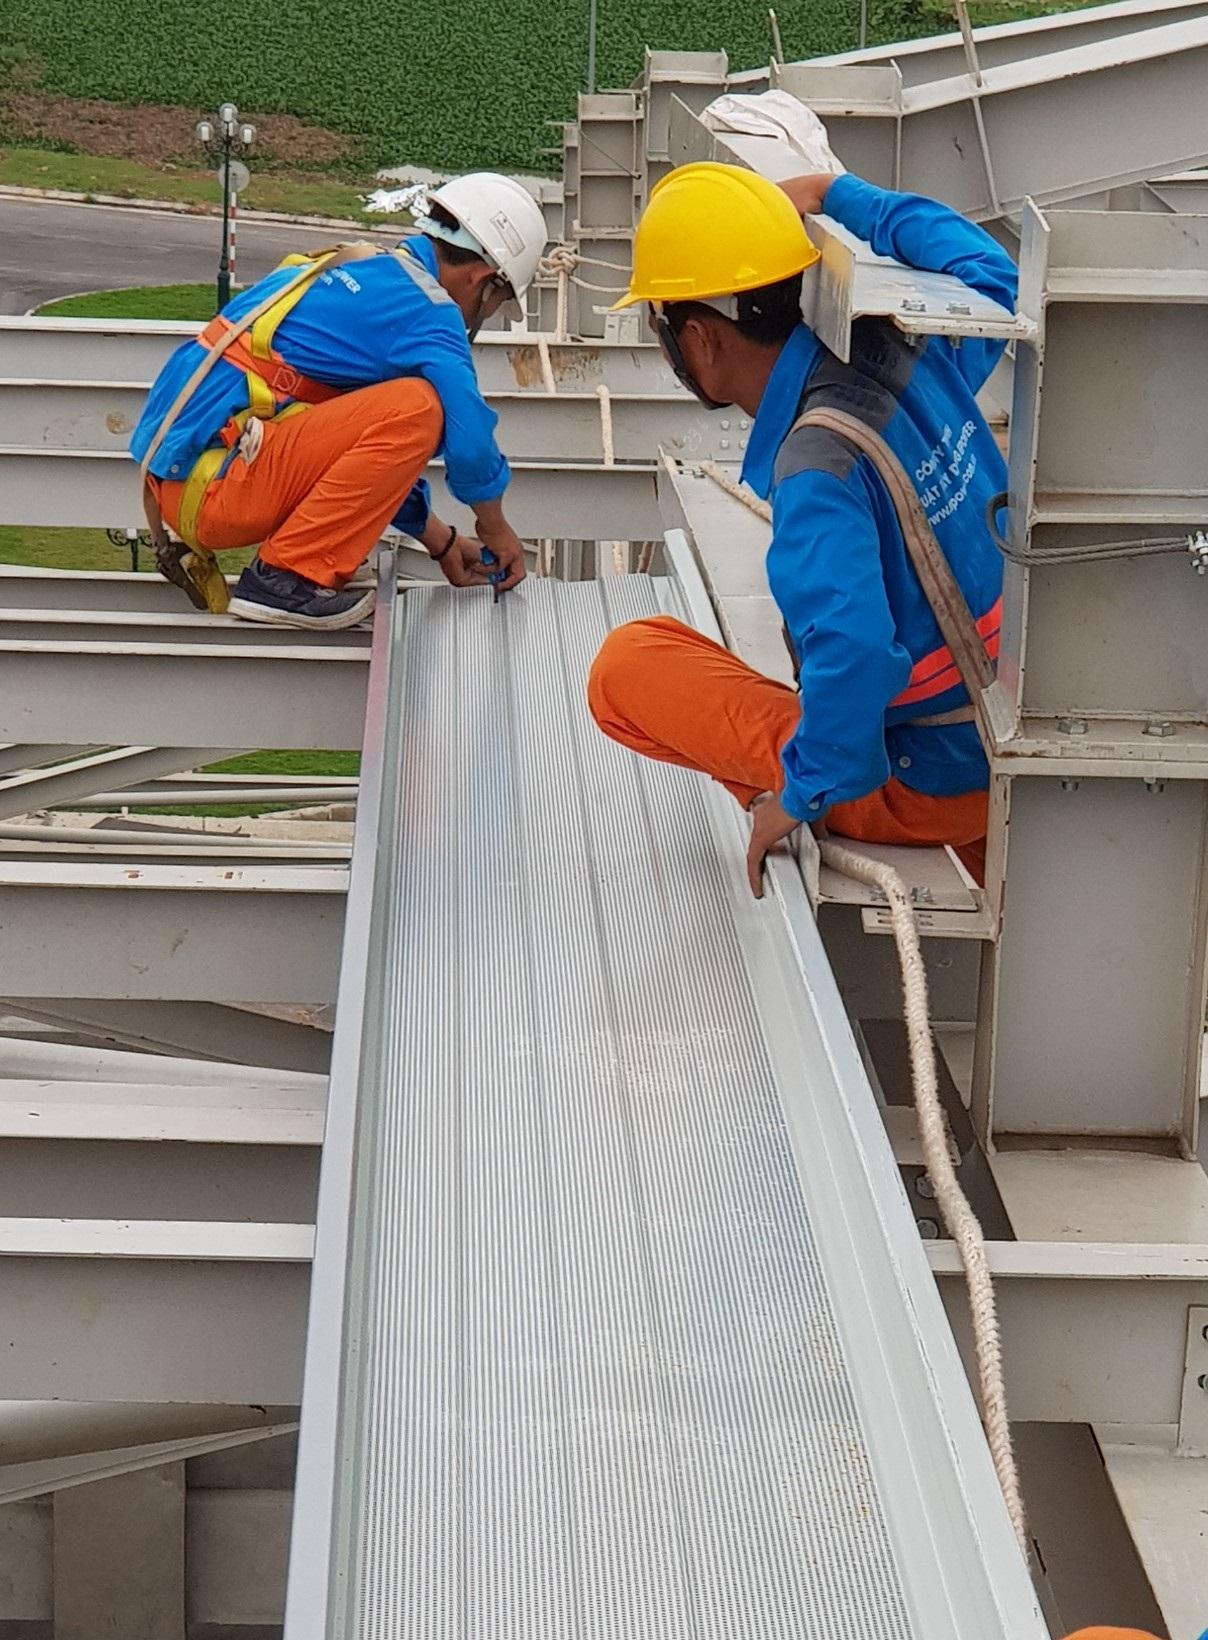 Lắp dựng tấm khay montawall đầu tiên cho dự án nhà thi đấu thể thao Tỉnh Bắc Giang